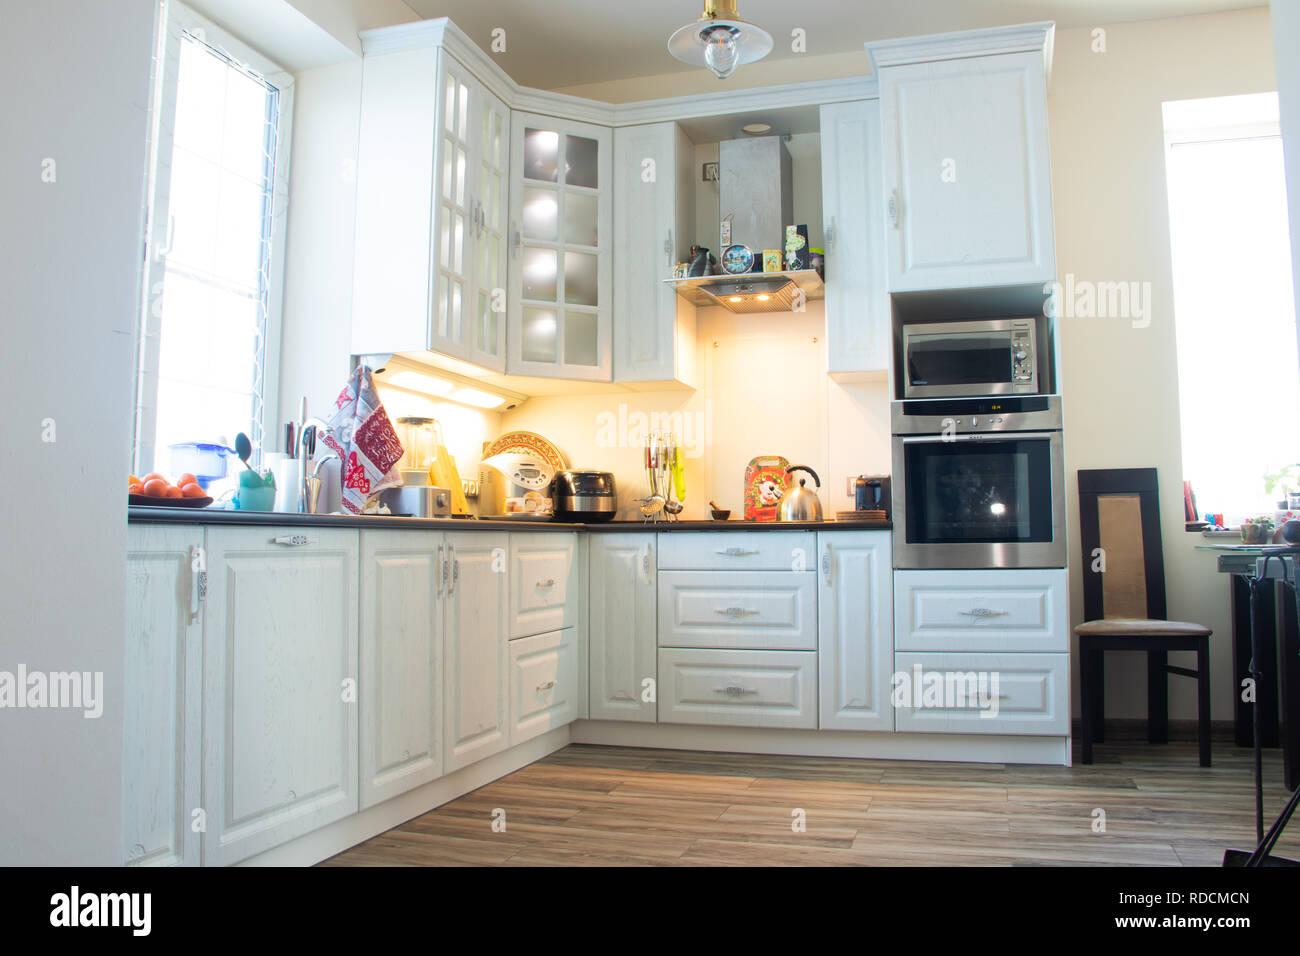 Moderne Möbel Und Küche Interieur. Küche In Individuellen Größen. Weiß, Grau  Griffe Schränke, Schubladen, Schranktür